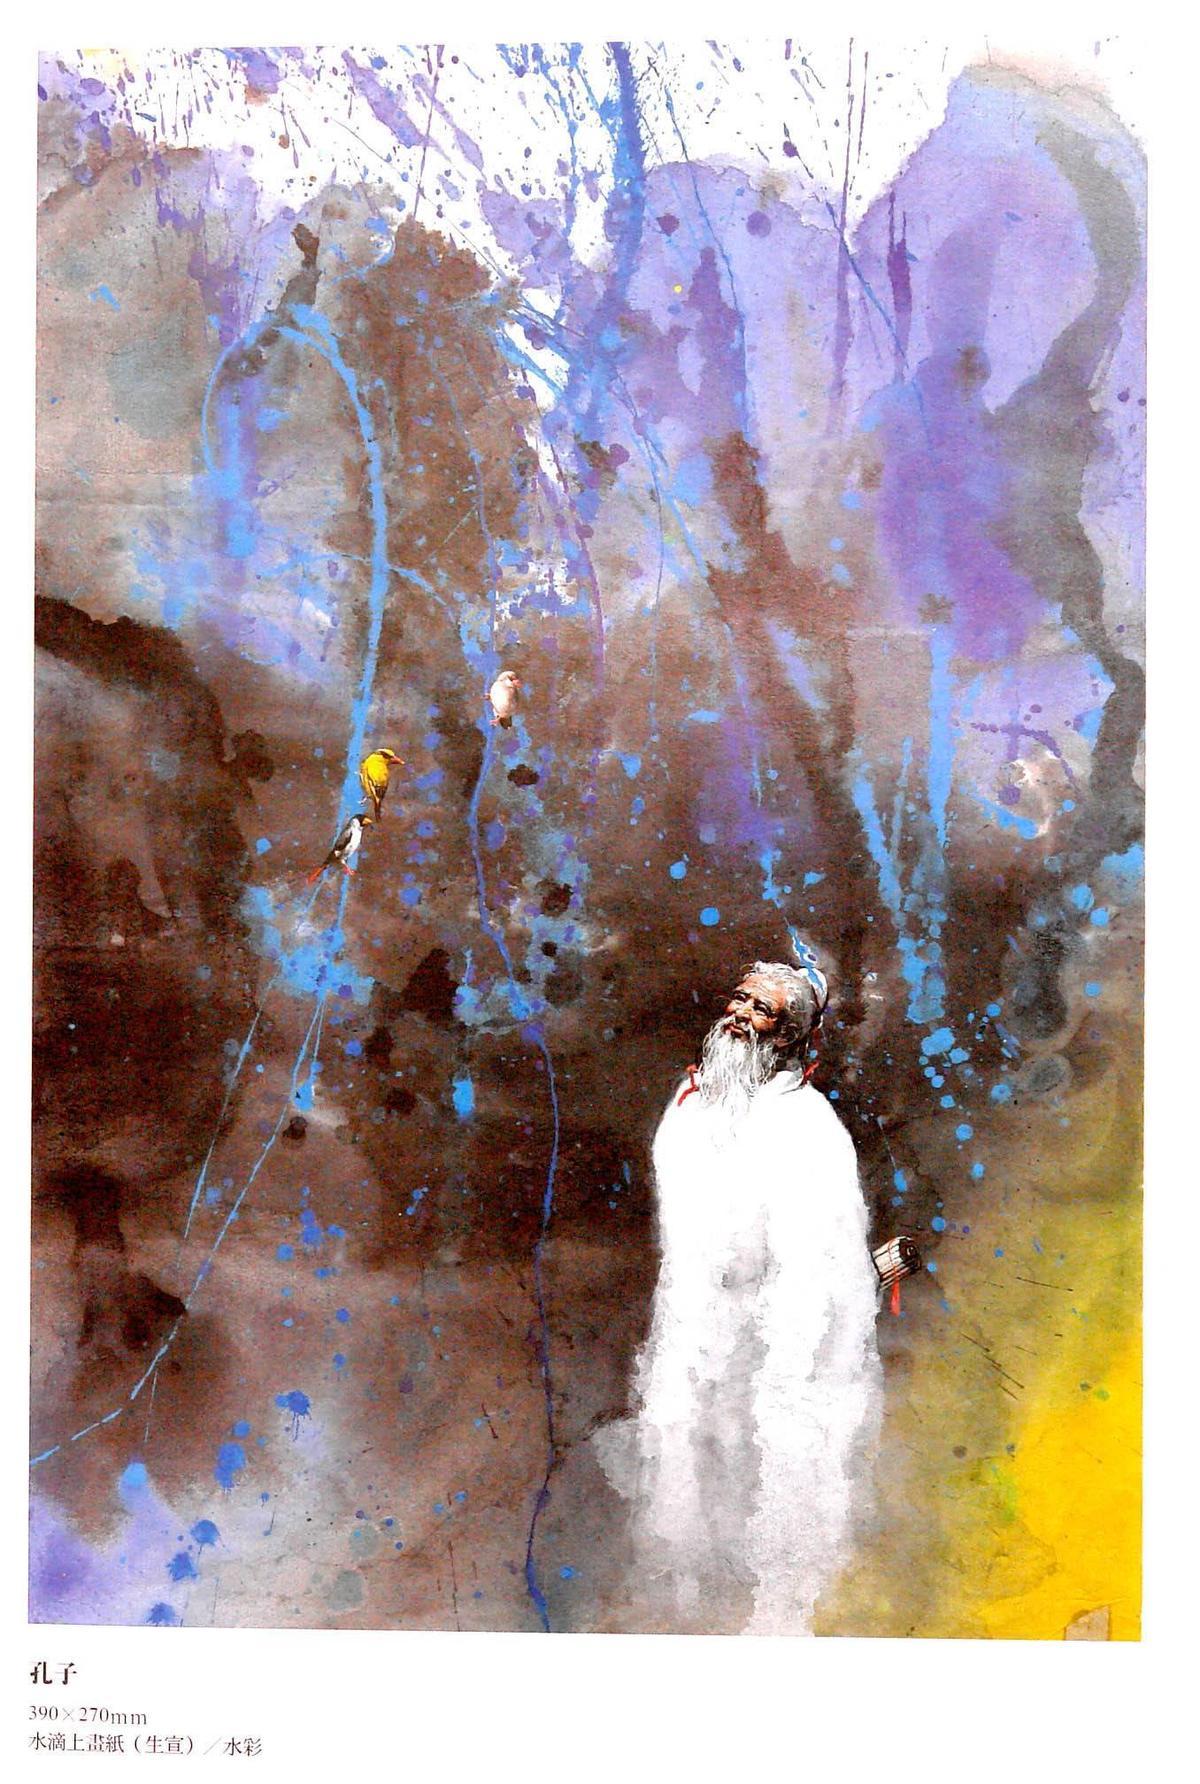 翻攝自東立出版《鄭問畫集》作品孔子。